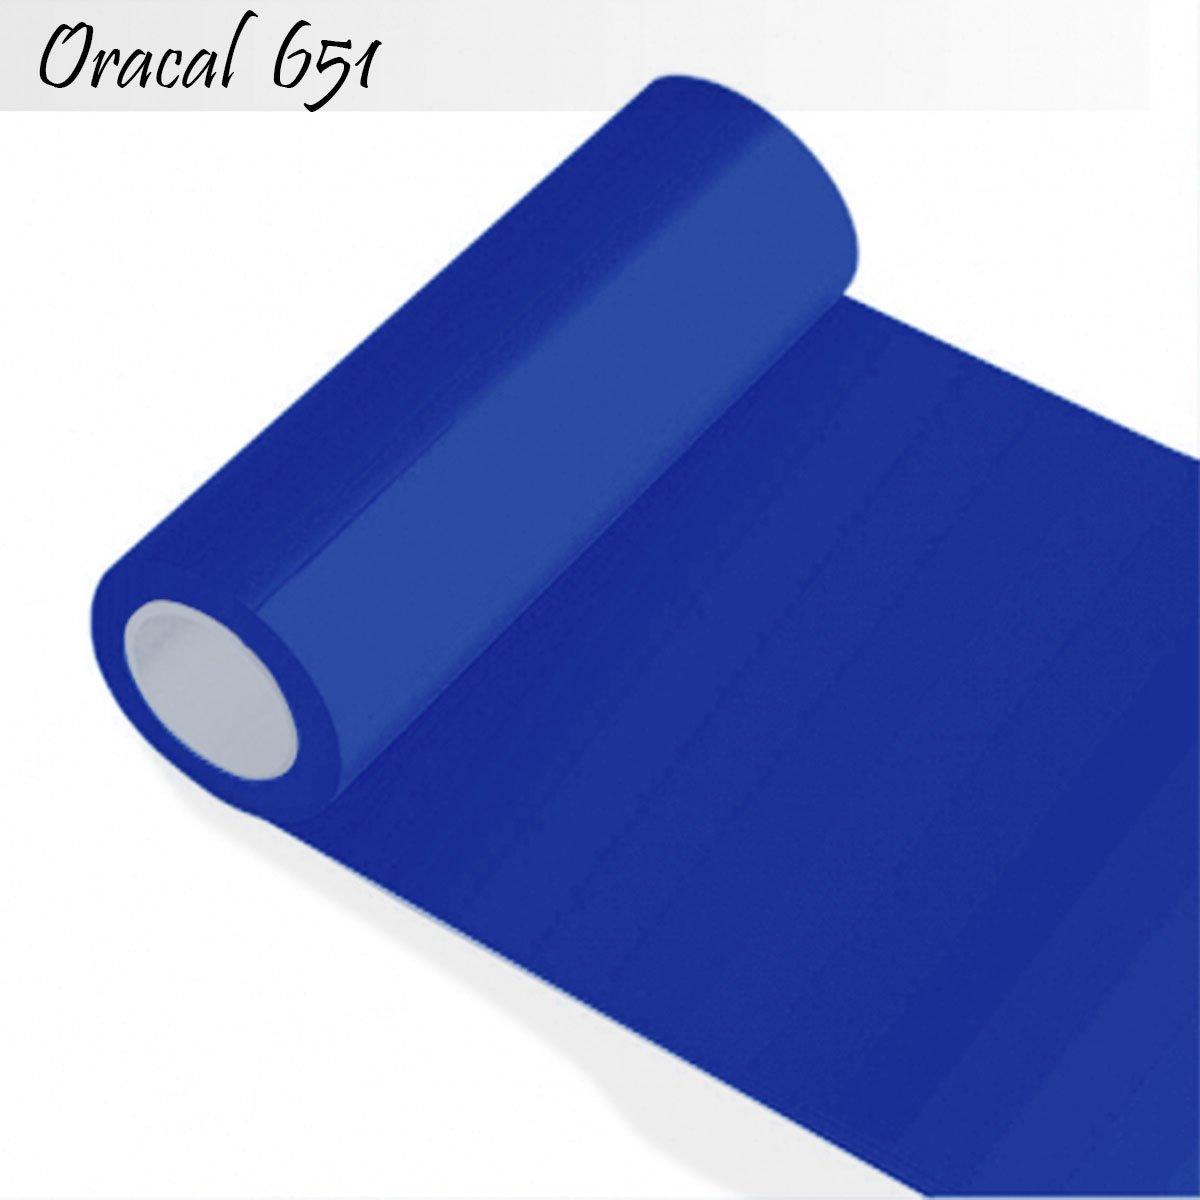 Oracal 651 - Orafol Folie 10m (Laufmeter) freie Farbwahl 55 glänzende Farben - glanz in 4 Größen, 63 cm Folienhöhe - Farbe 70 - schwarz B00TRTM2ZQ Wandtattoos & Wandbilder